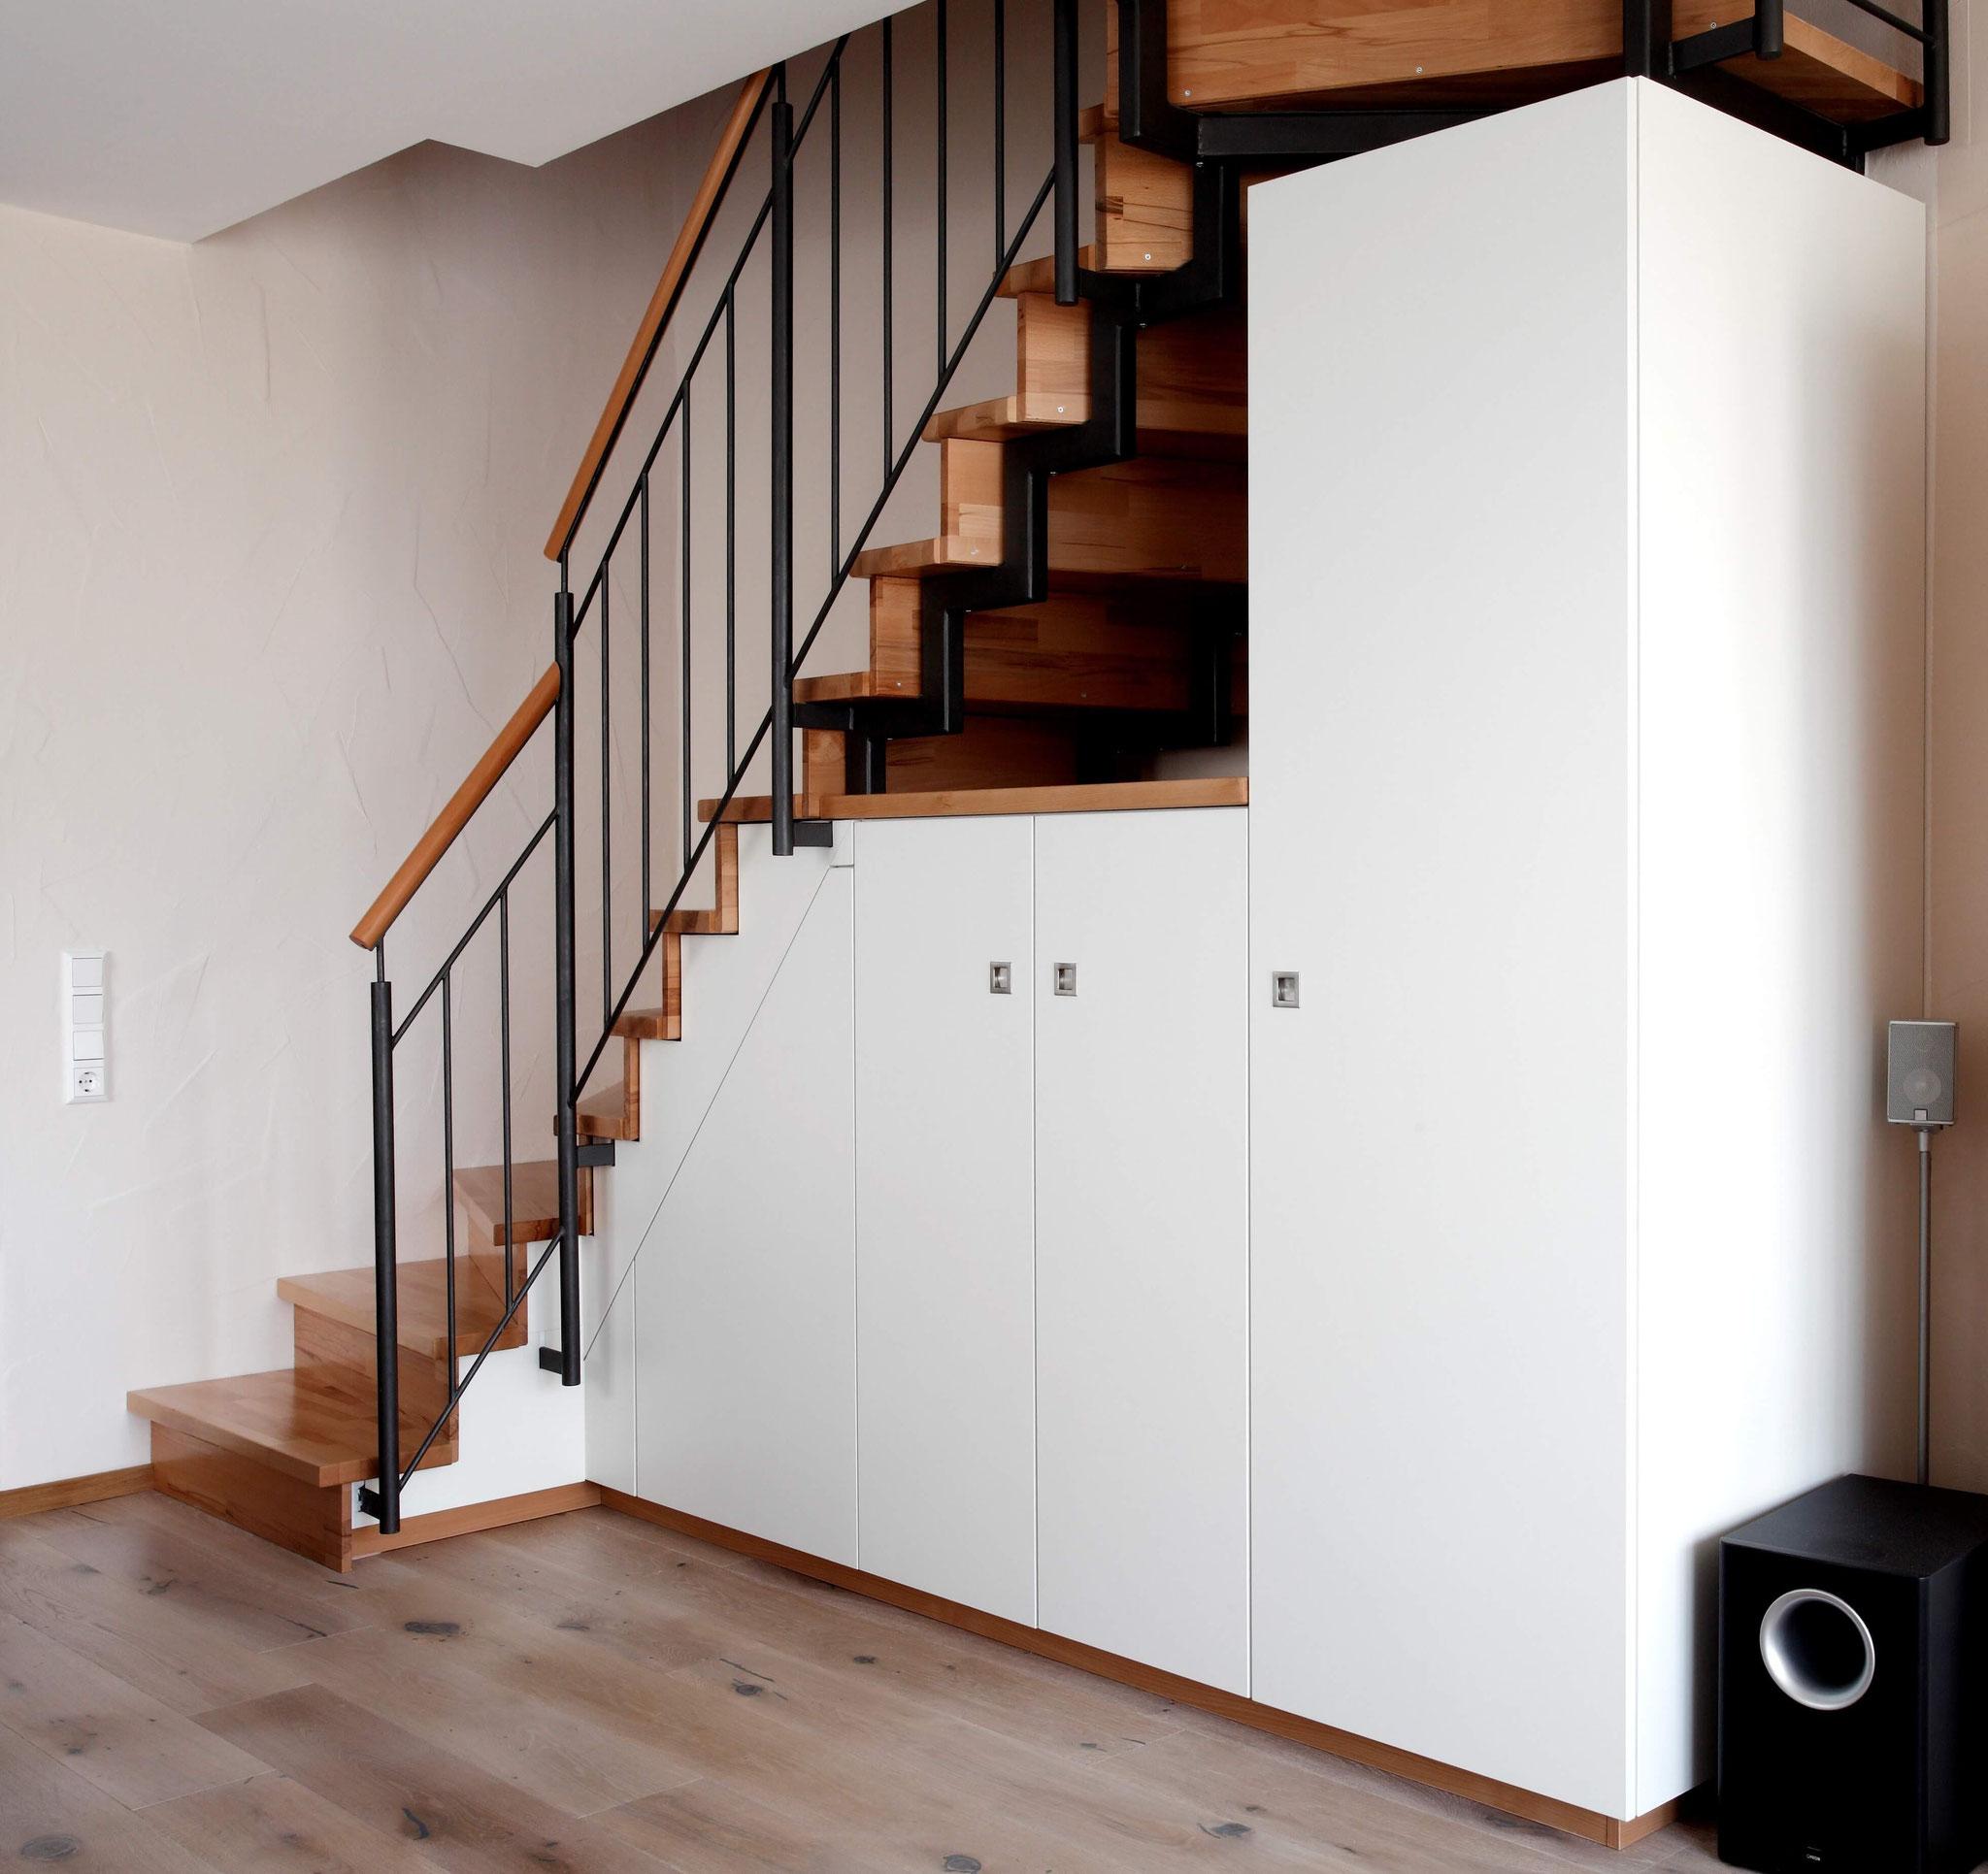 Einbauschrank unter der Treppe von Schreinerei Holzdesign Ralf Rapp